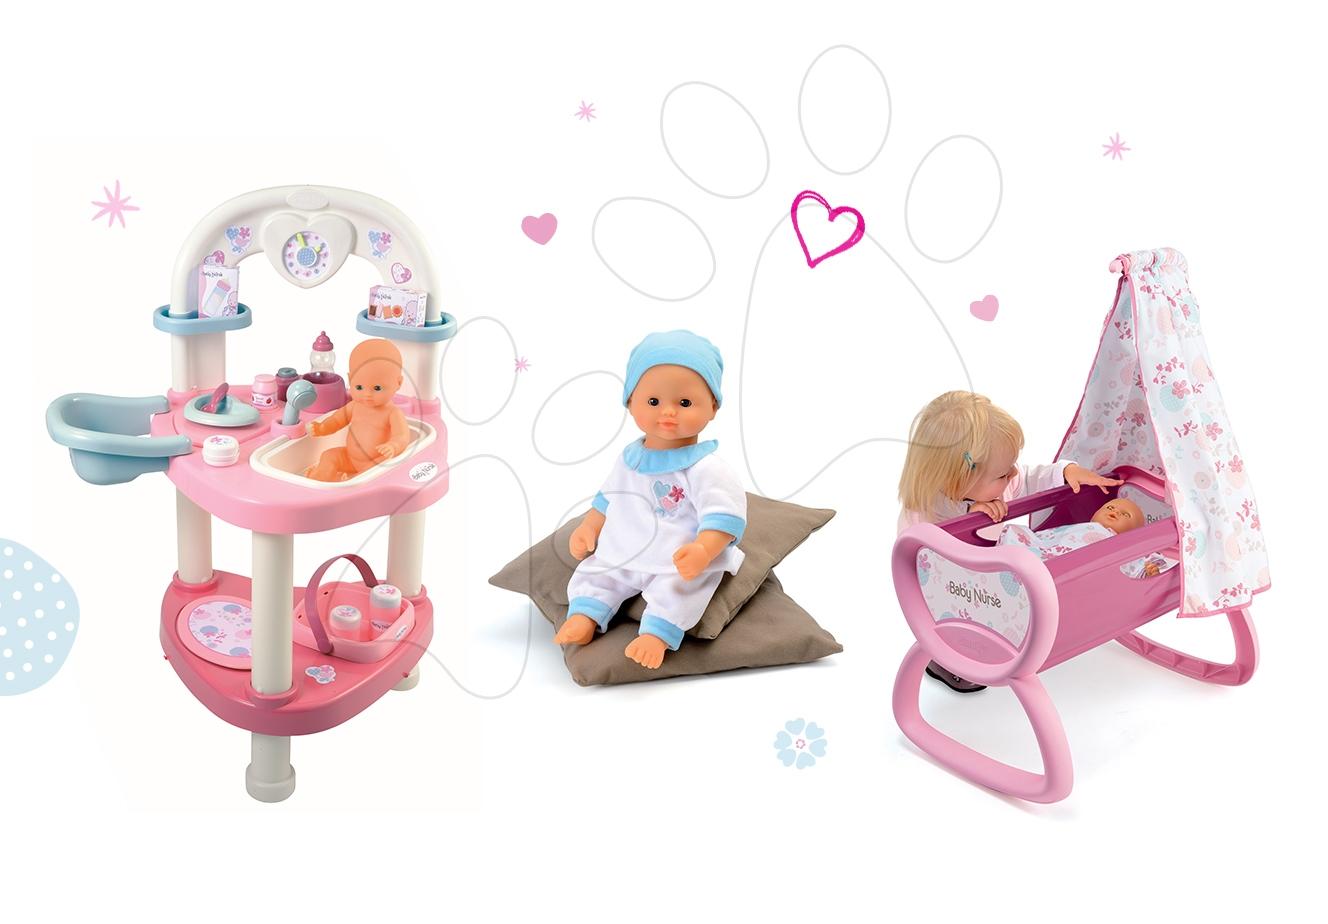 Set přebalovací stůl pro panenku Baby Nurse Srdíčko Smoby kolébka s baldachýnem a panenka v dupačkách 32 cm